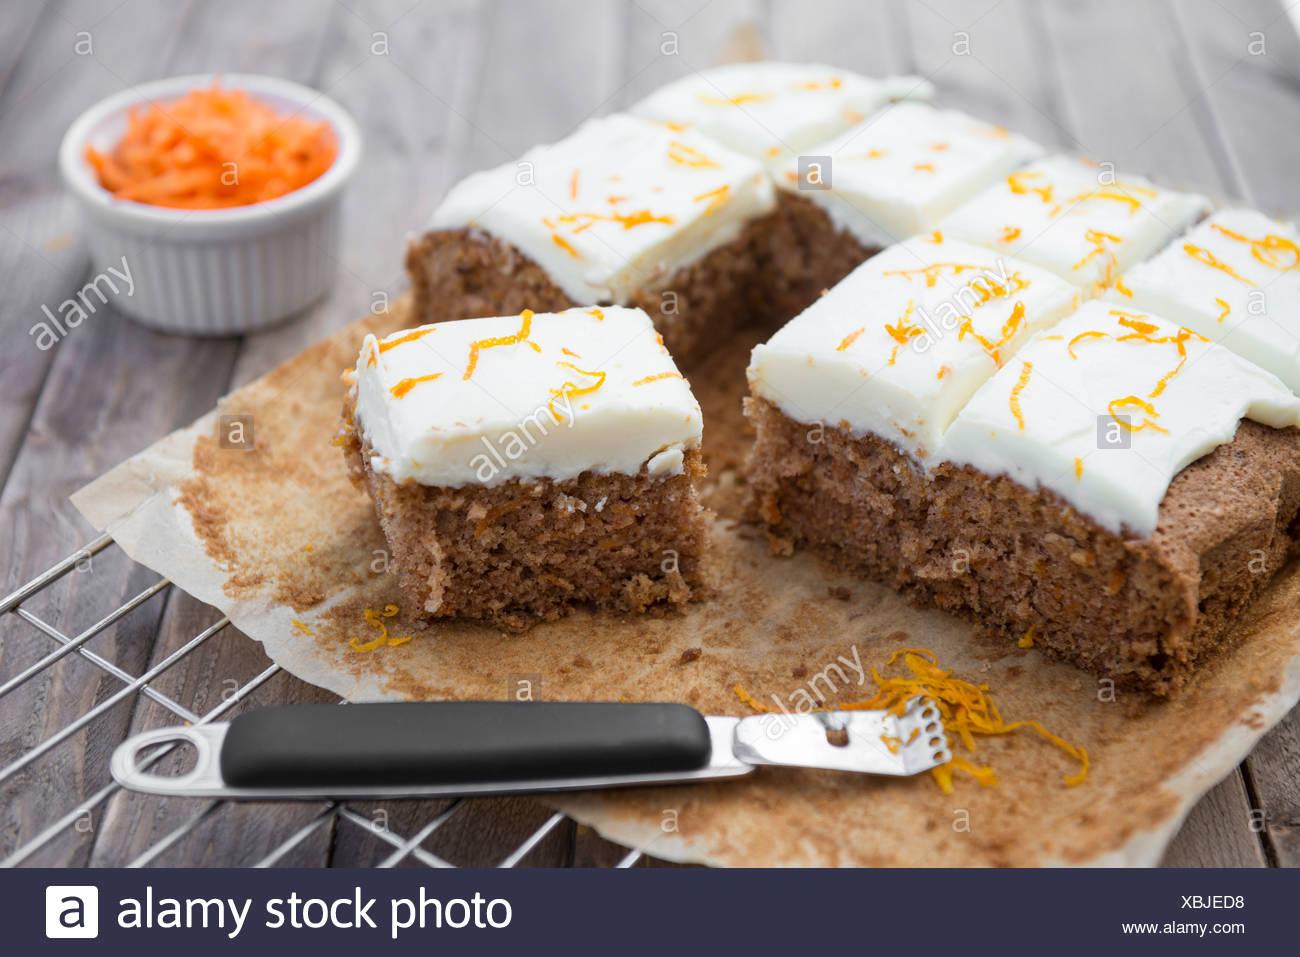 Karotte Kuchen Auf Ein Backblech Stockfoto Bild 282533588 Alamy